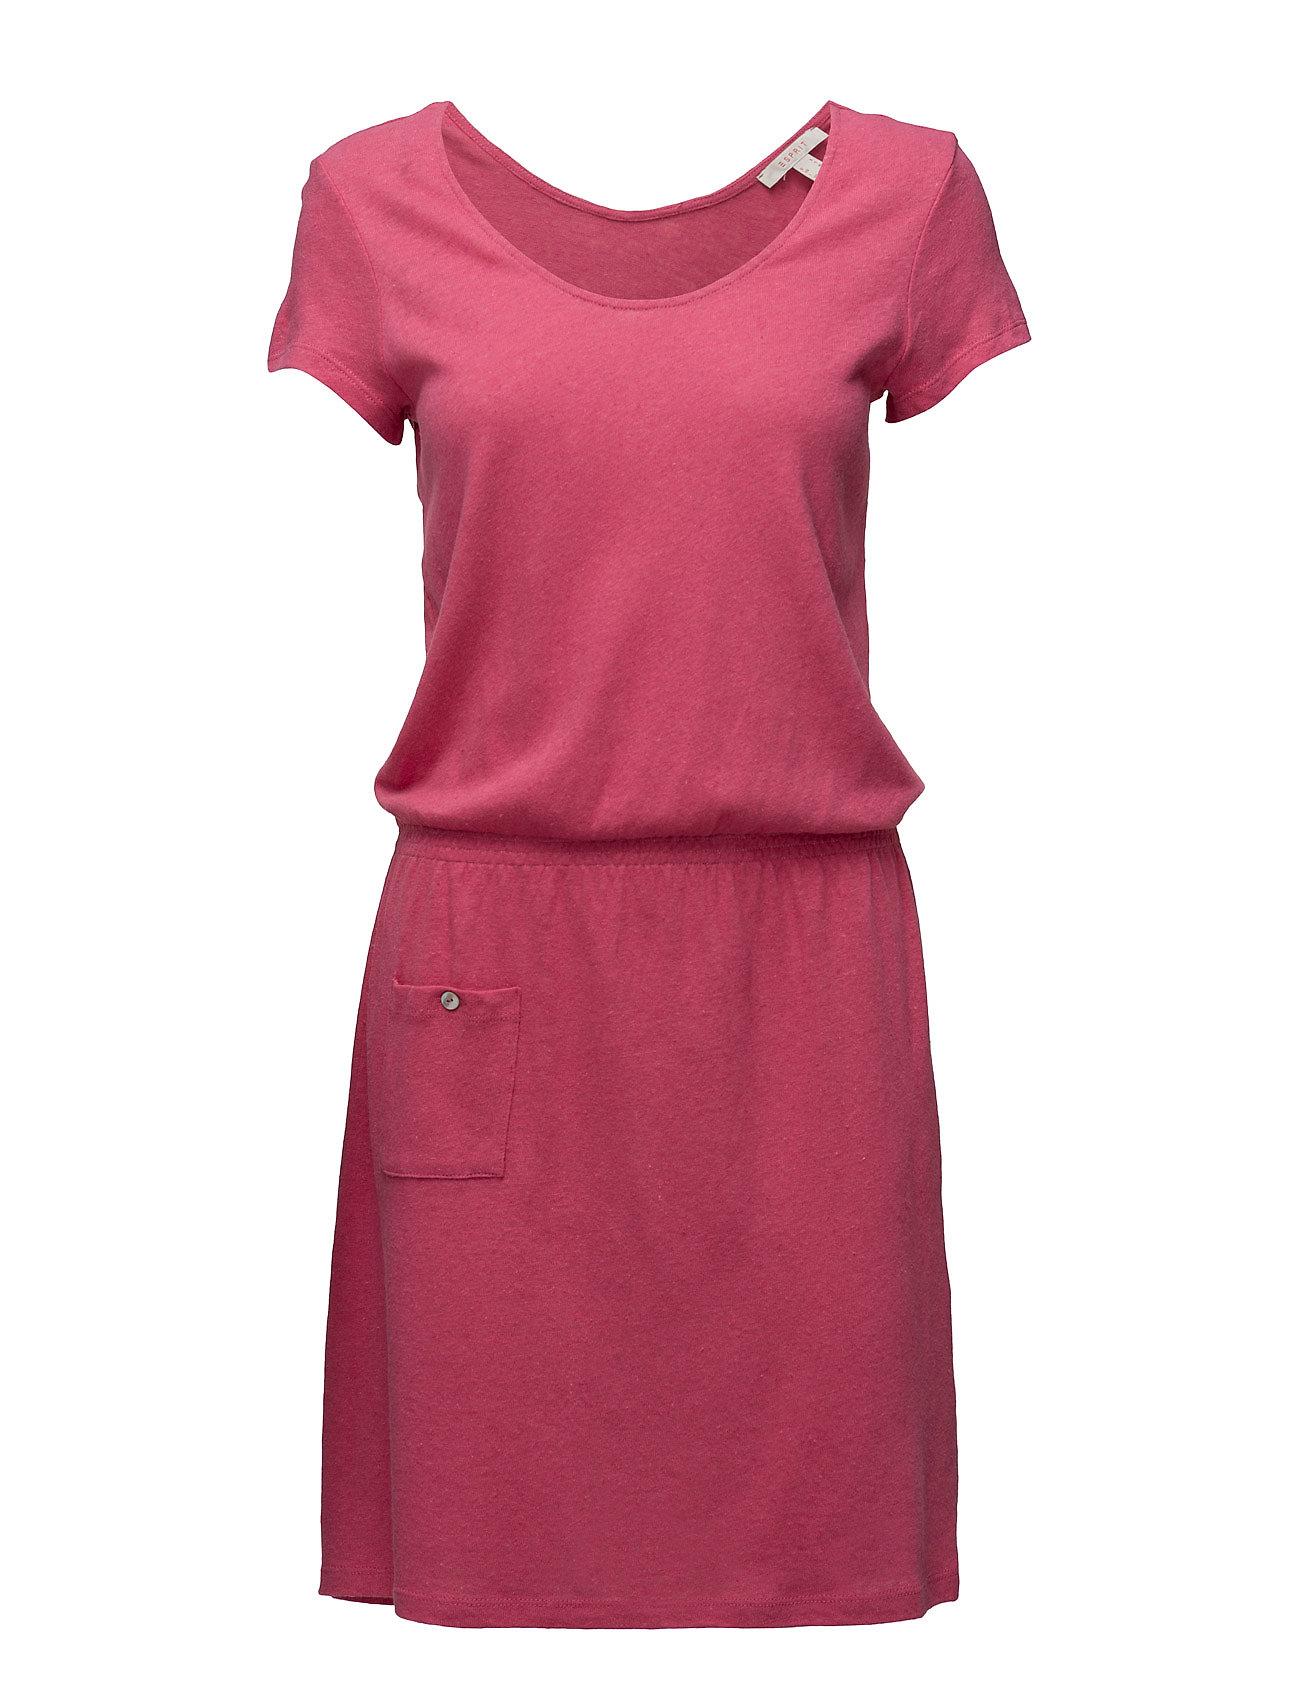 Dresses Knitted Esprit Casual Kjoler til Kvinder i